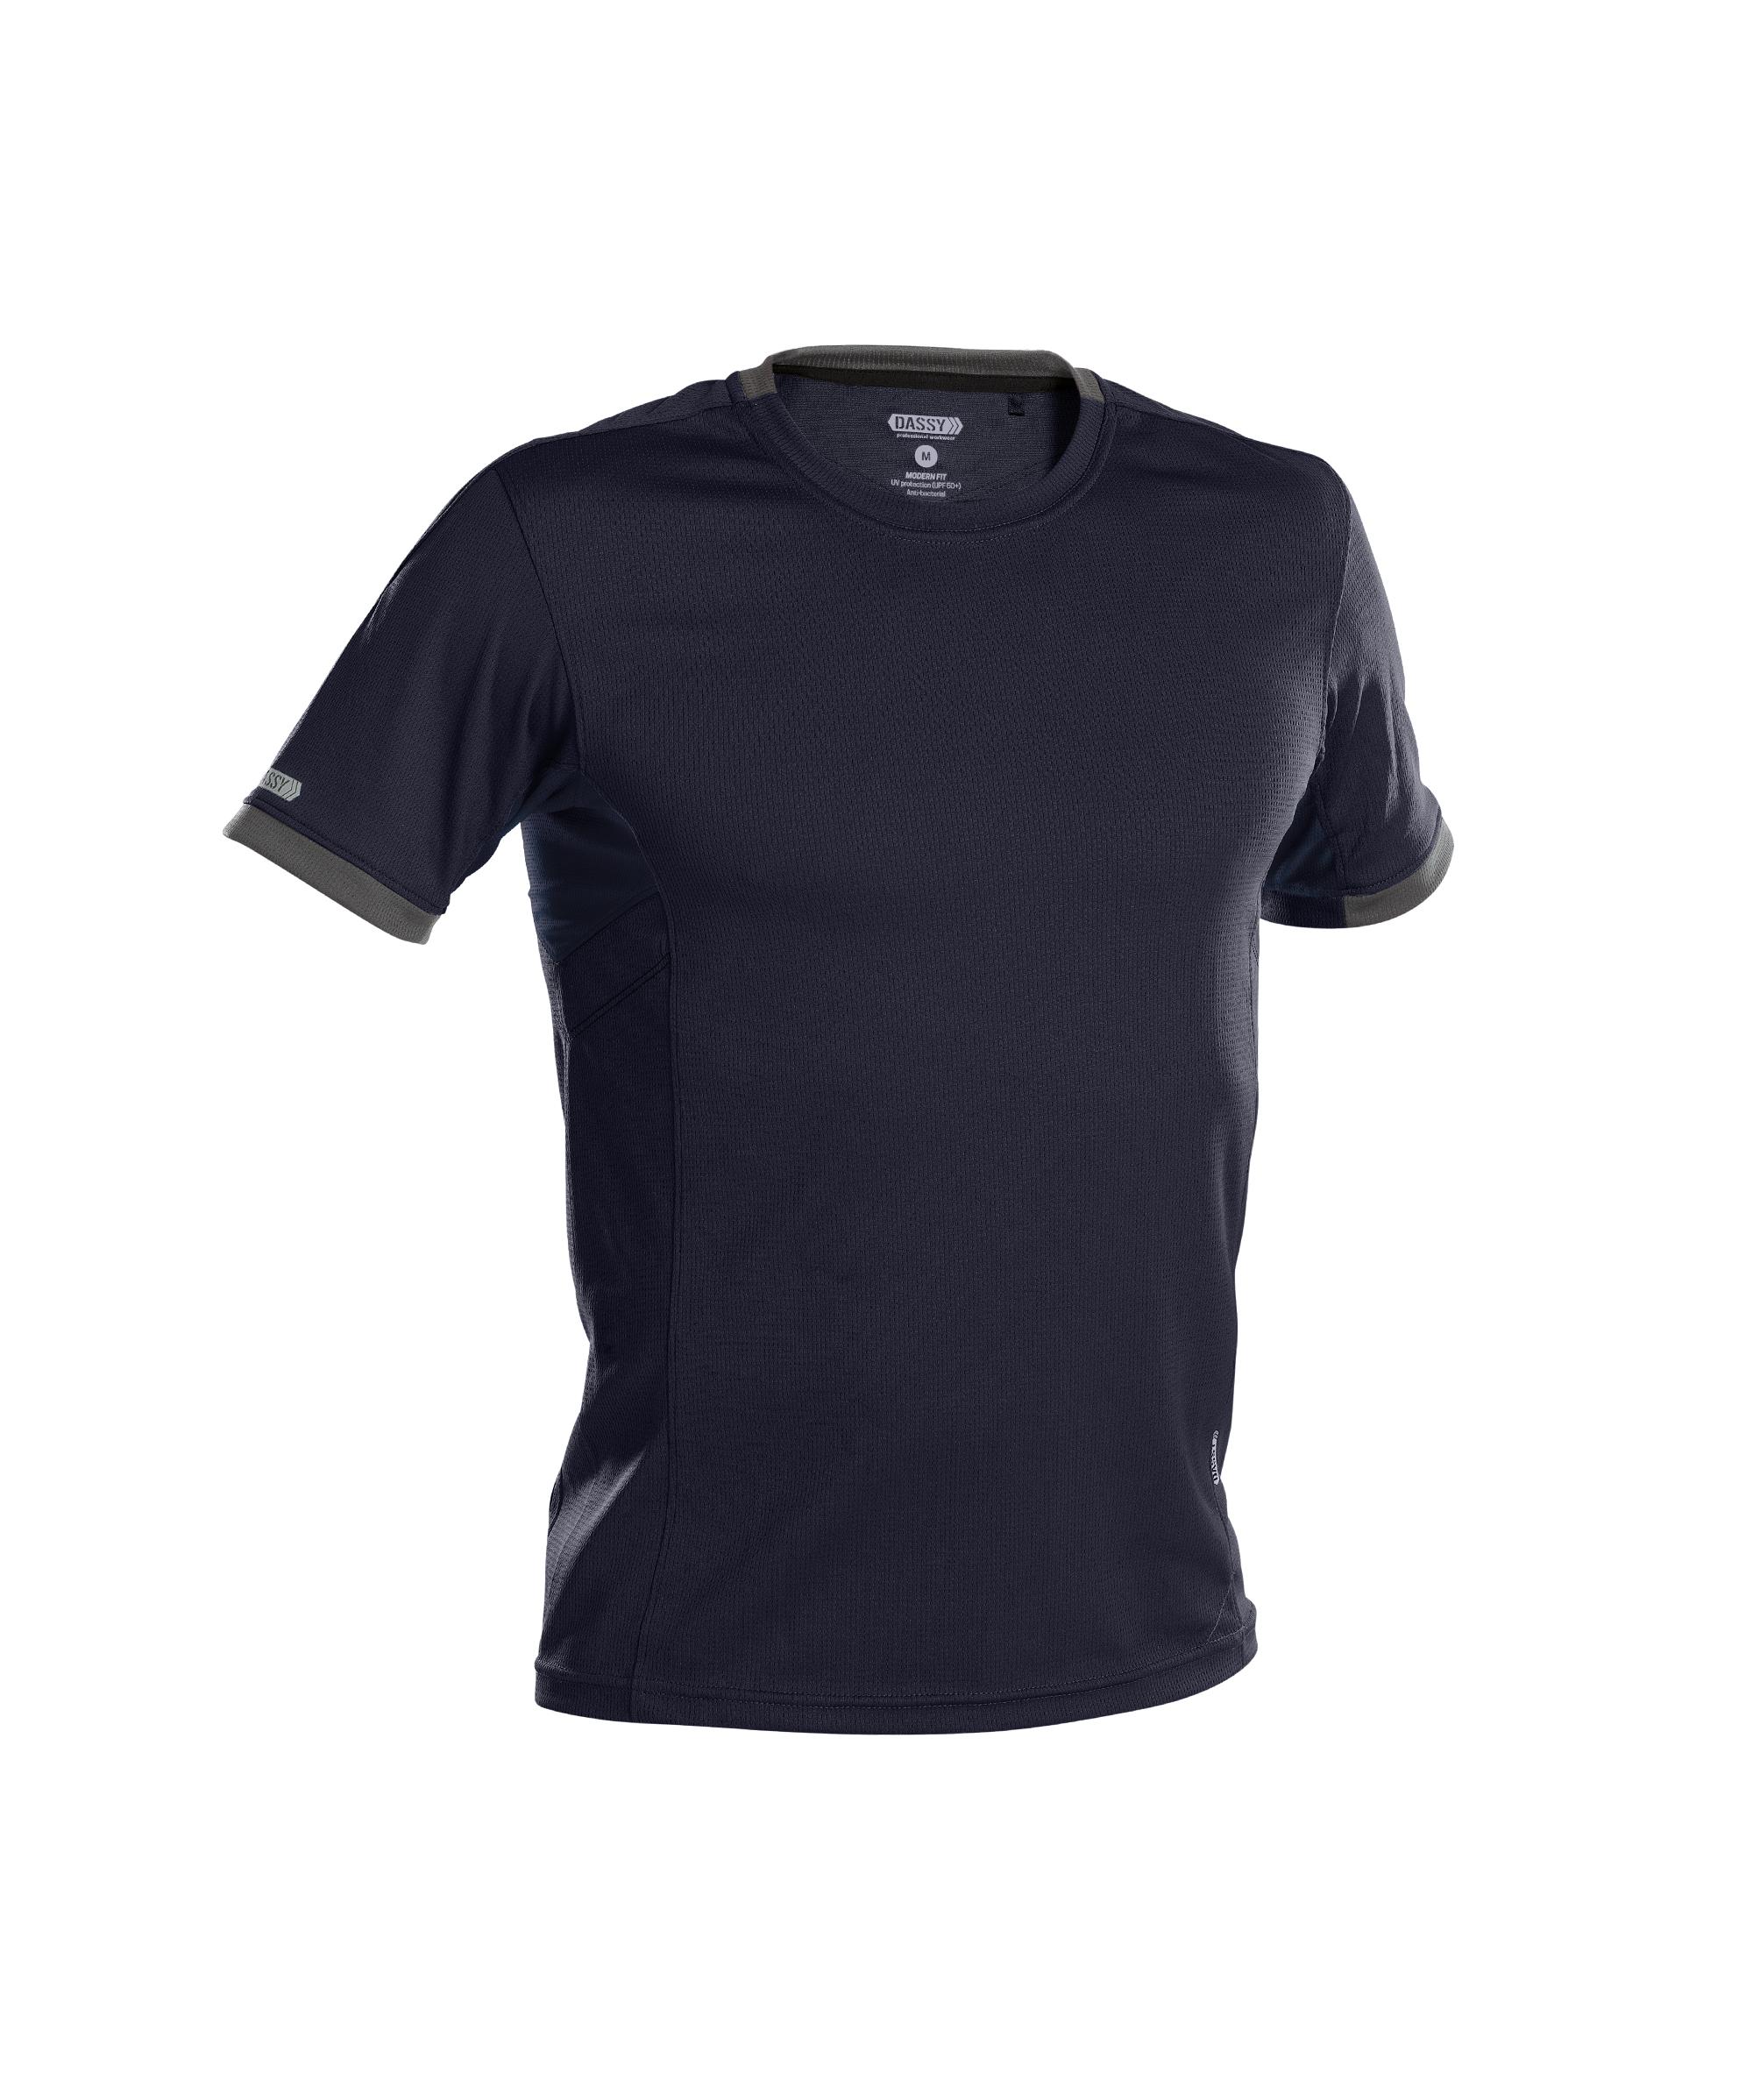 Dassy, Nexus T-Shirt 710025